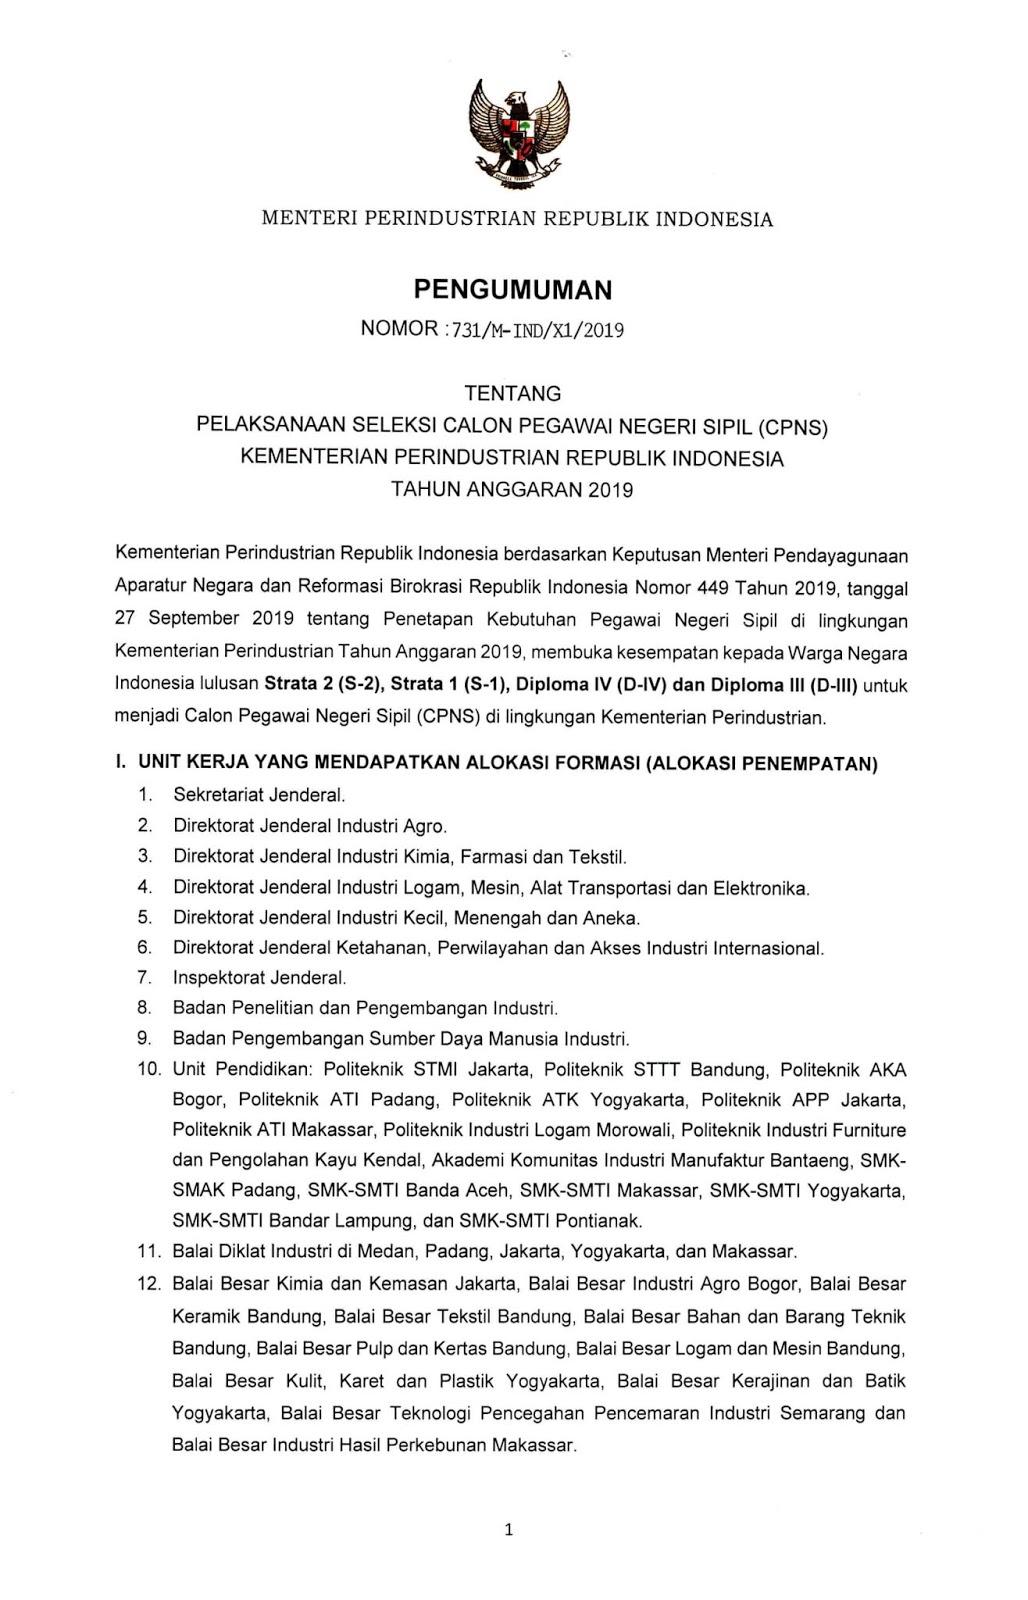 Lowongan CPNS Kementerian Perindustrian Republik Indonesia Tahun 2019 [359 formasi]